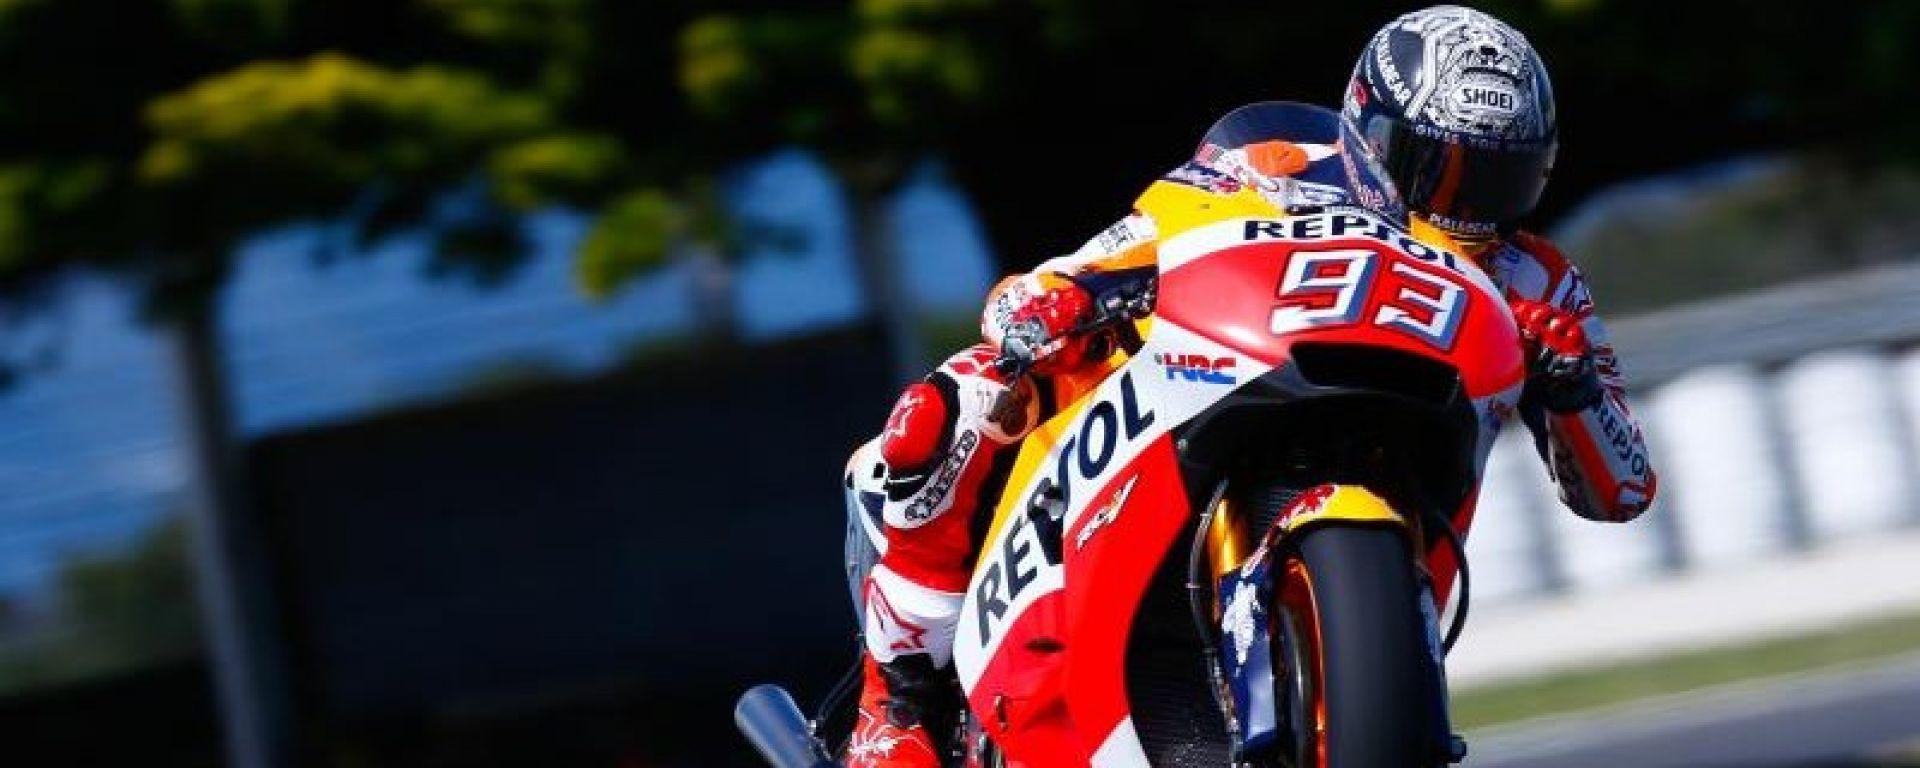 TEST AUSTRALIA 2017: Day 1, Marc Marquez impone la propria supremazia davanti a Rossi e Iannone